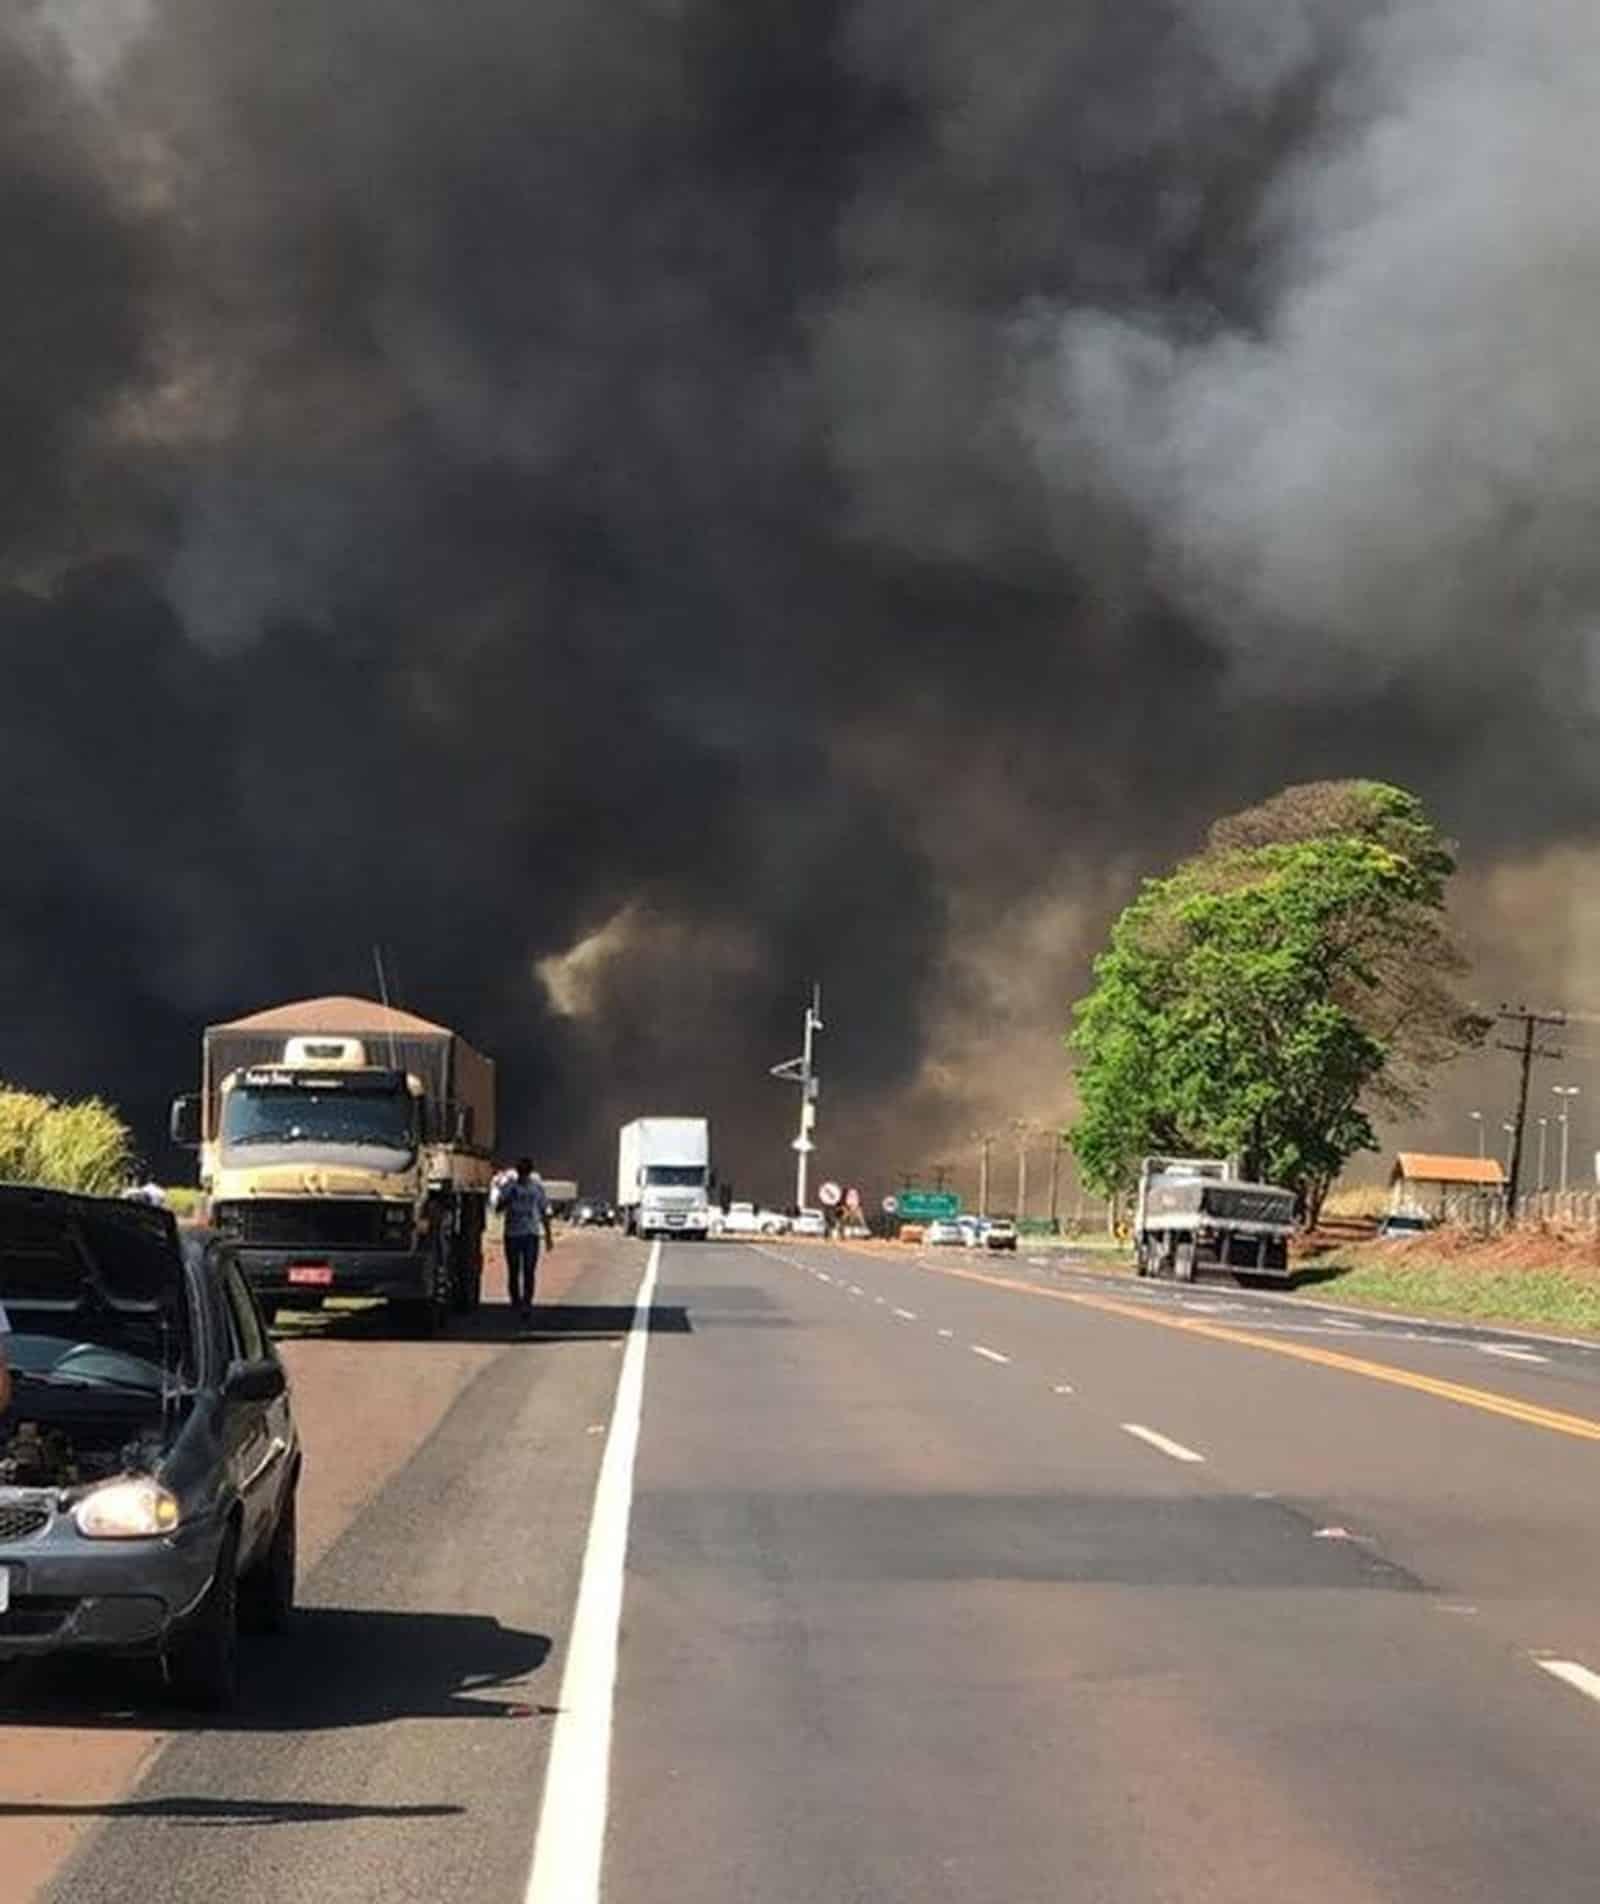 Fumaça alta e intensa atrapalhou o trânsito na rodovia em Florínea (Foto: Gazeta Regional/ Divulgação)